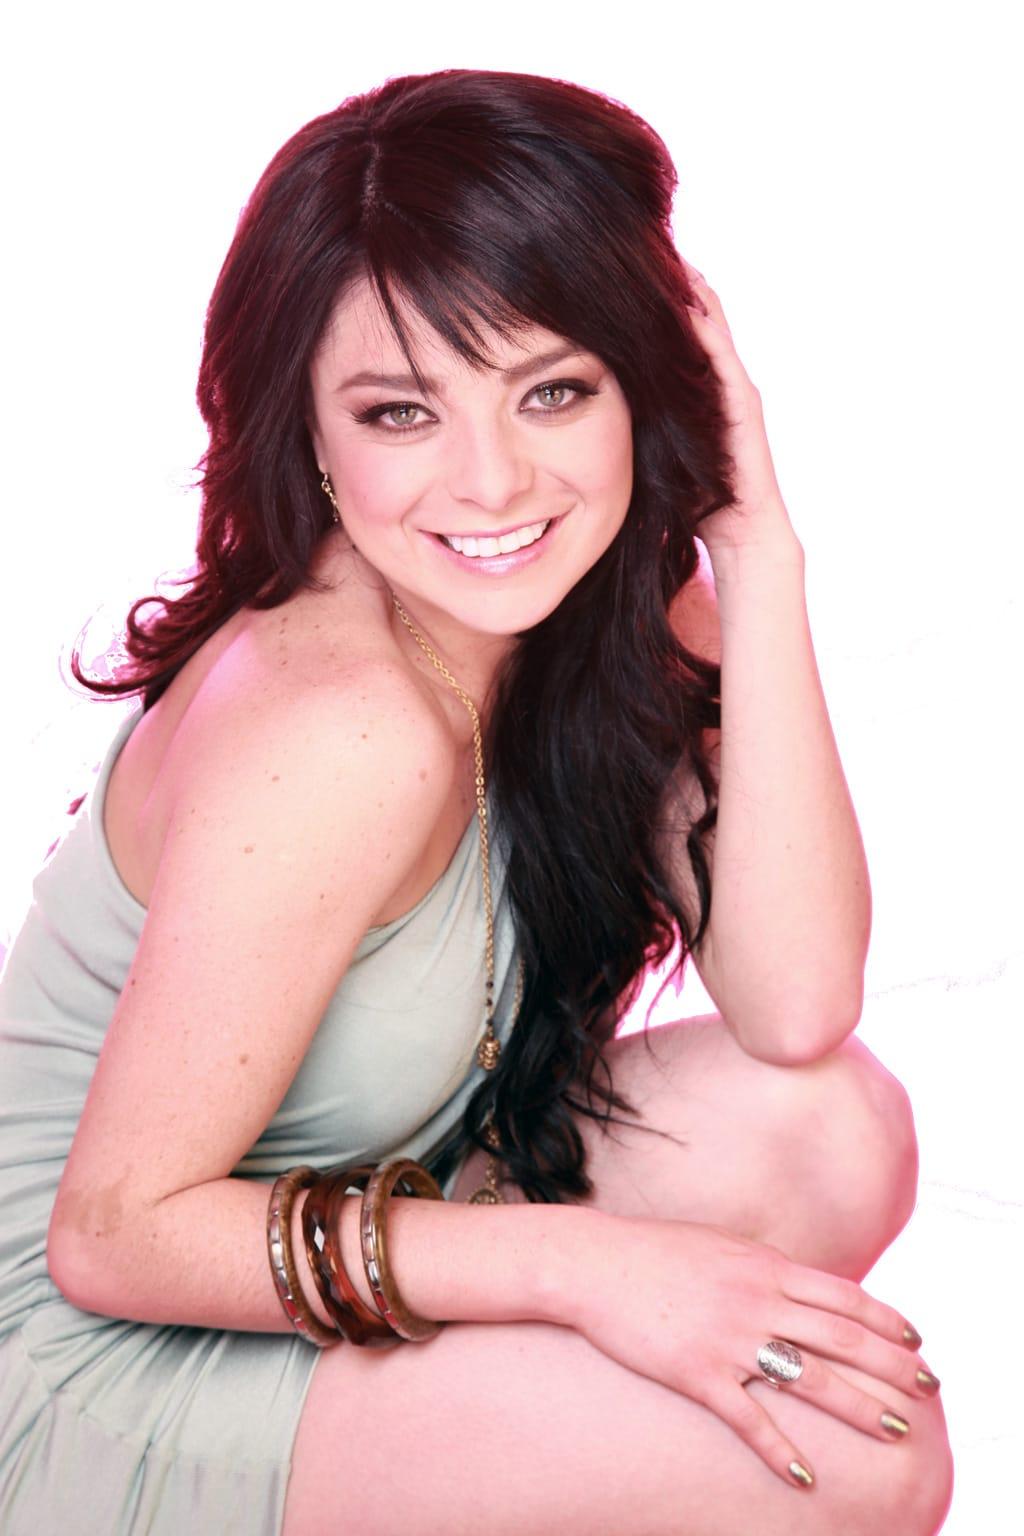 Violeta Isfel en la revista Open - Musica Cine y Television